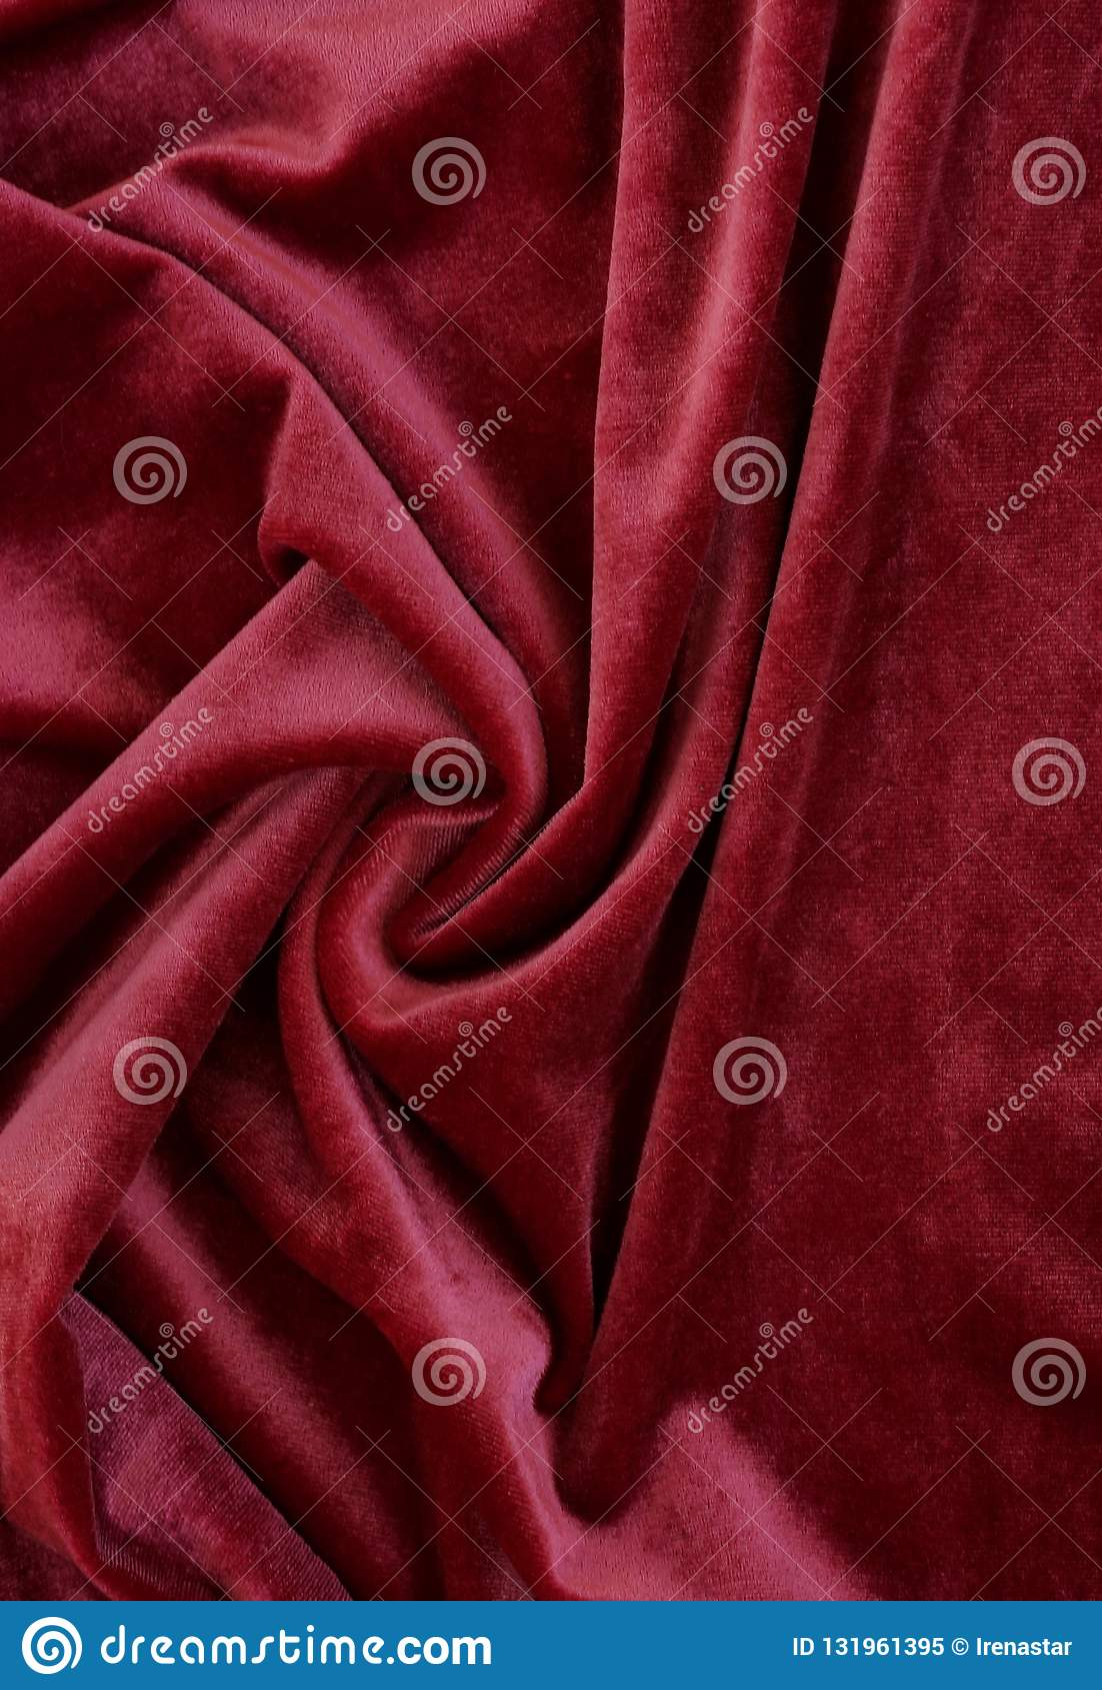 Velvet Texture Background Red Color. Christmas Festive ...